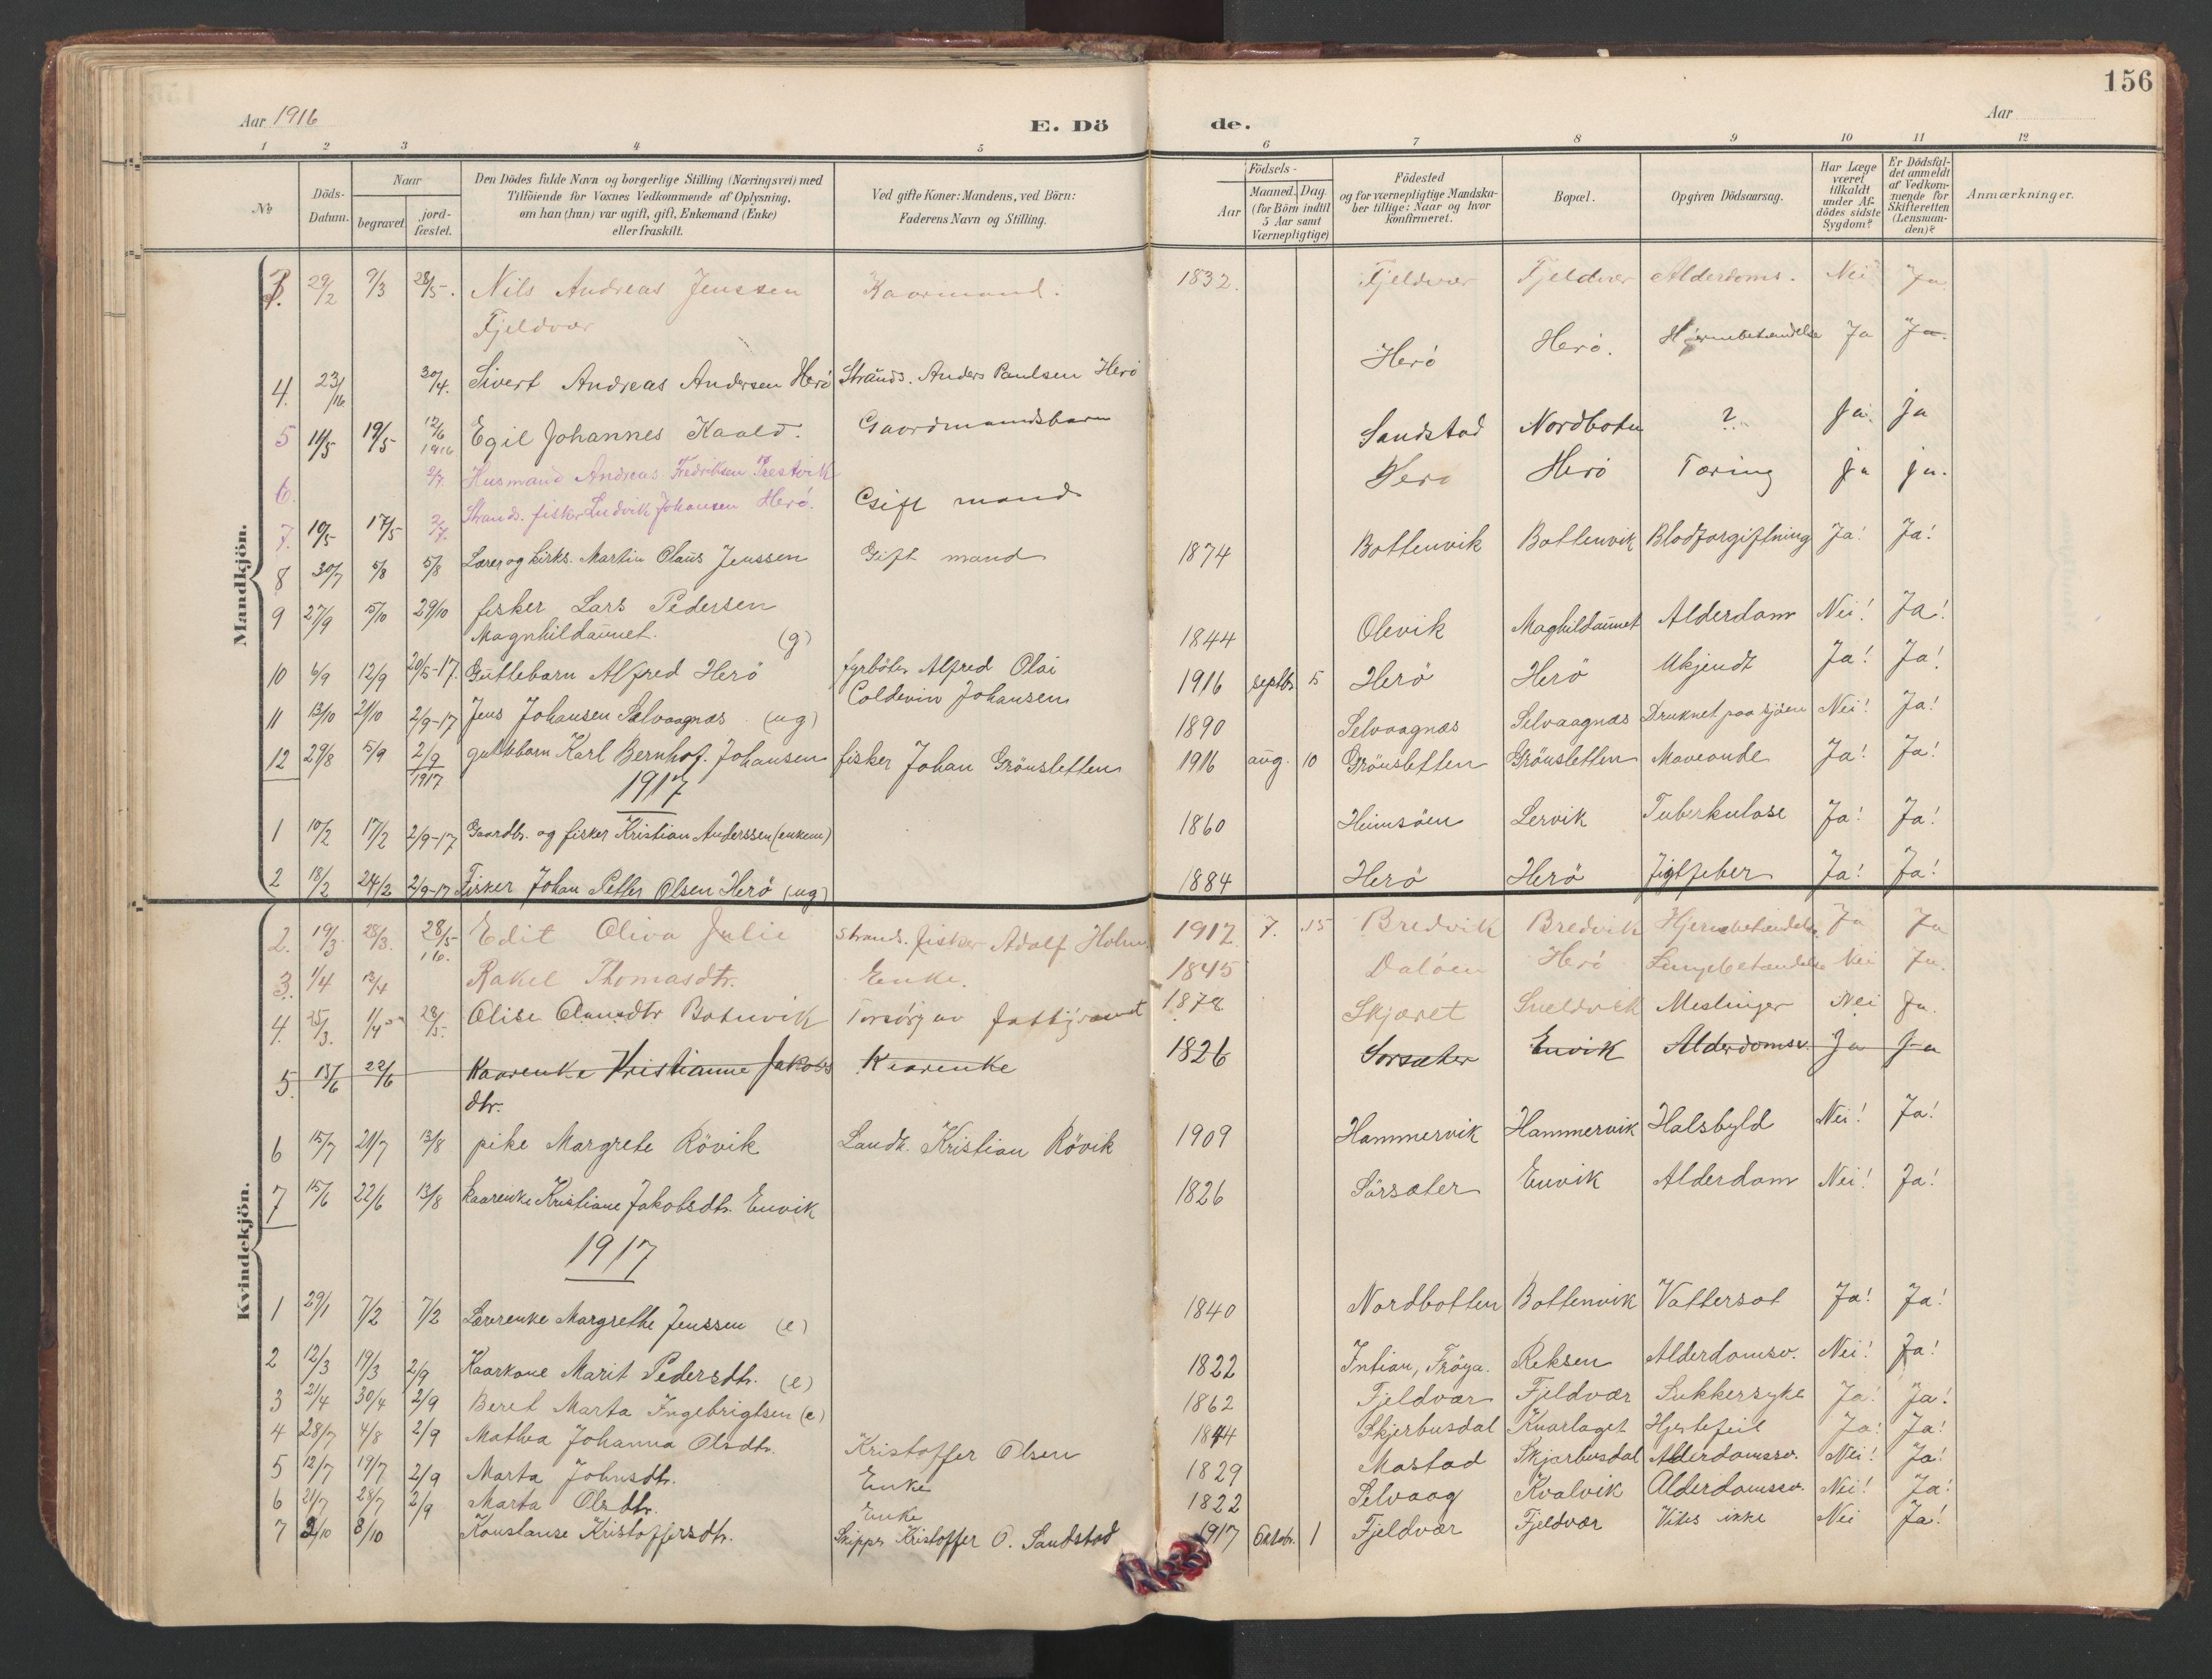 SAT, Ministerialprotokoller, klokkerbøker og fødselsregistre - Sør-Trøndelag, 638/L0571: Klokkerbok nr. 638C03, 1901-1930, s. 156